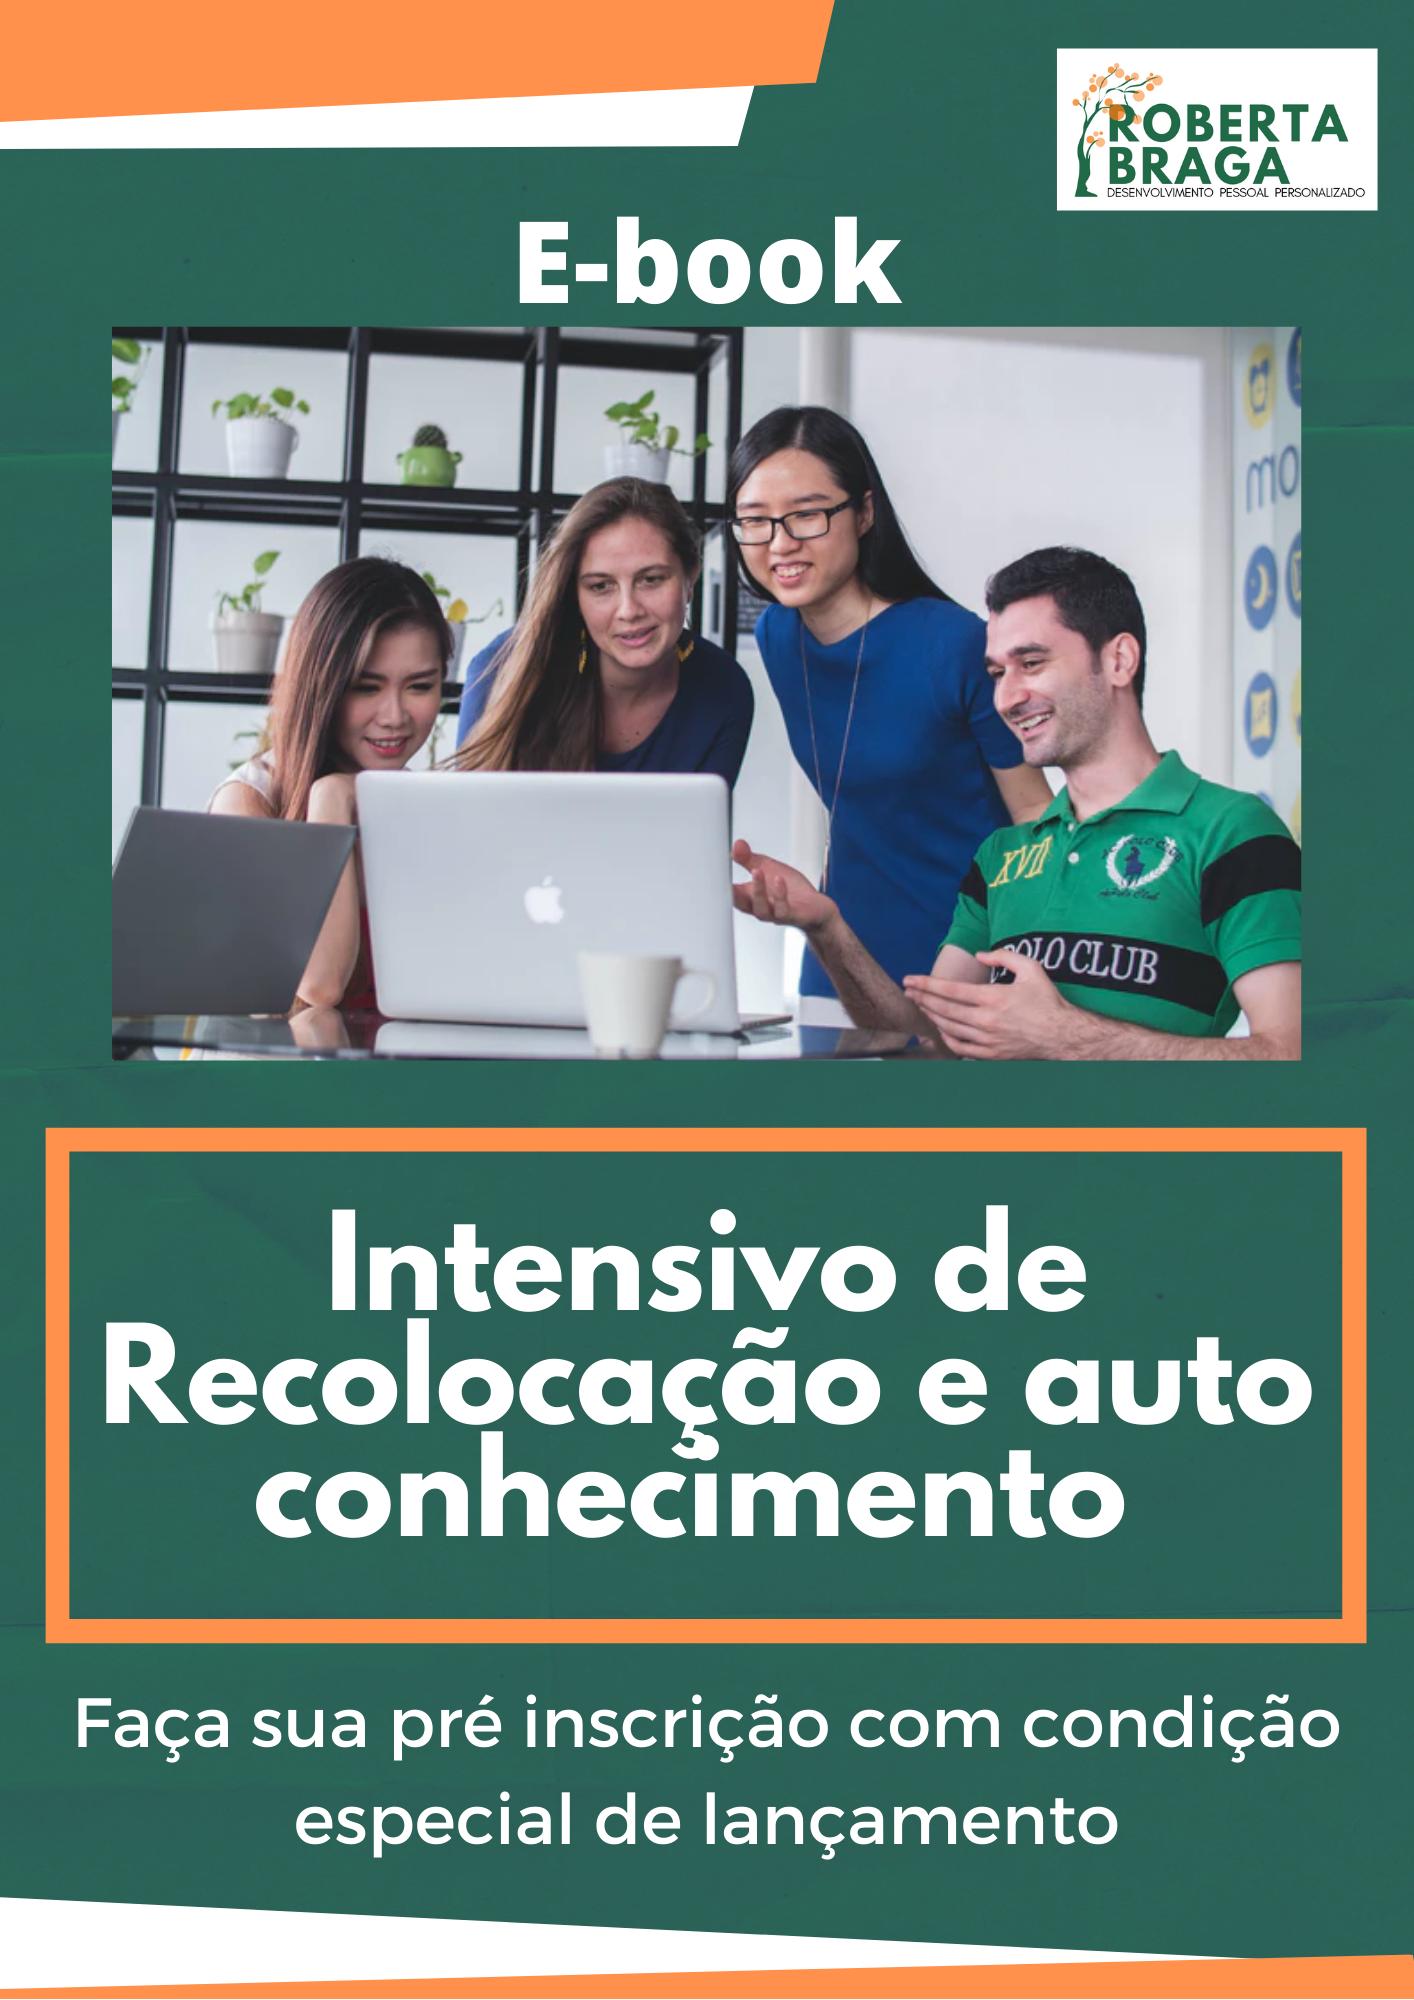 Livro Ebook - Intensivo de Recolocação e Autoconhecimento - Roberta Braga